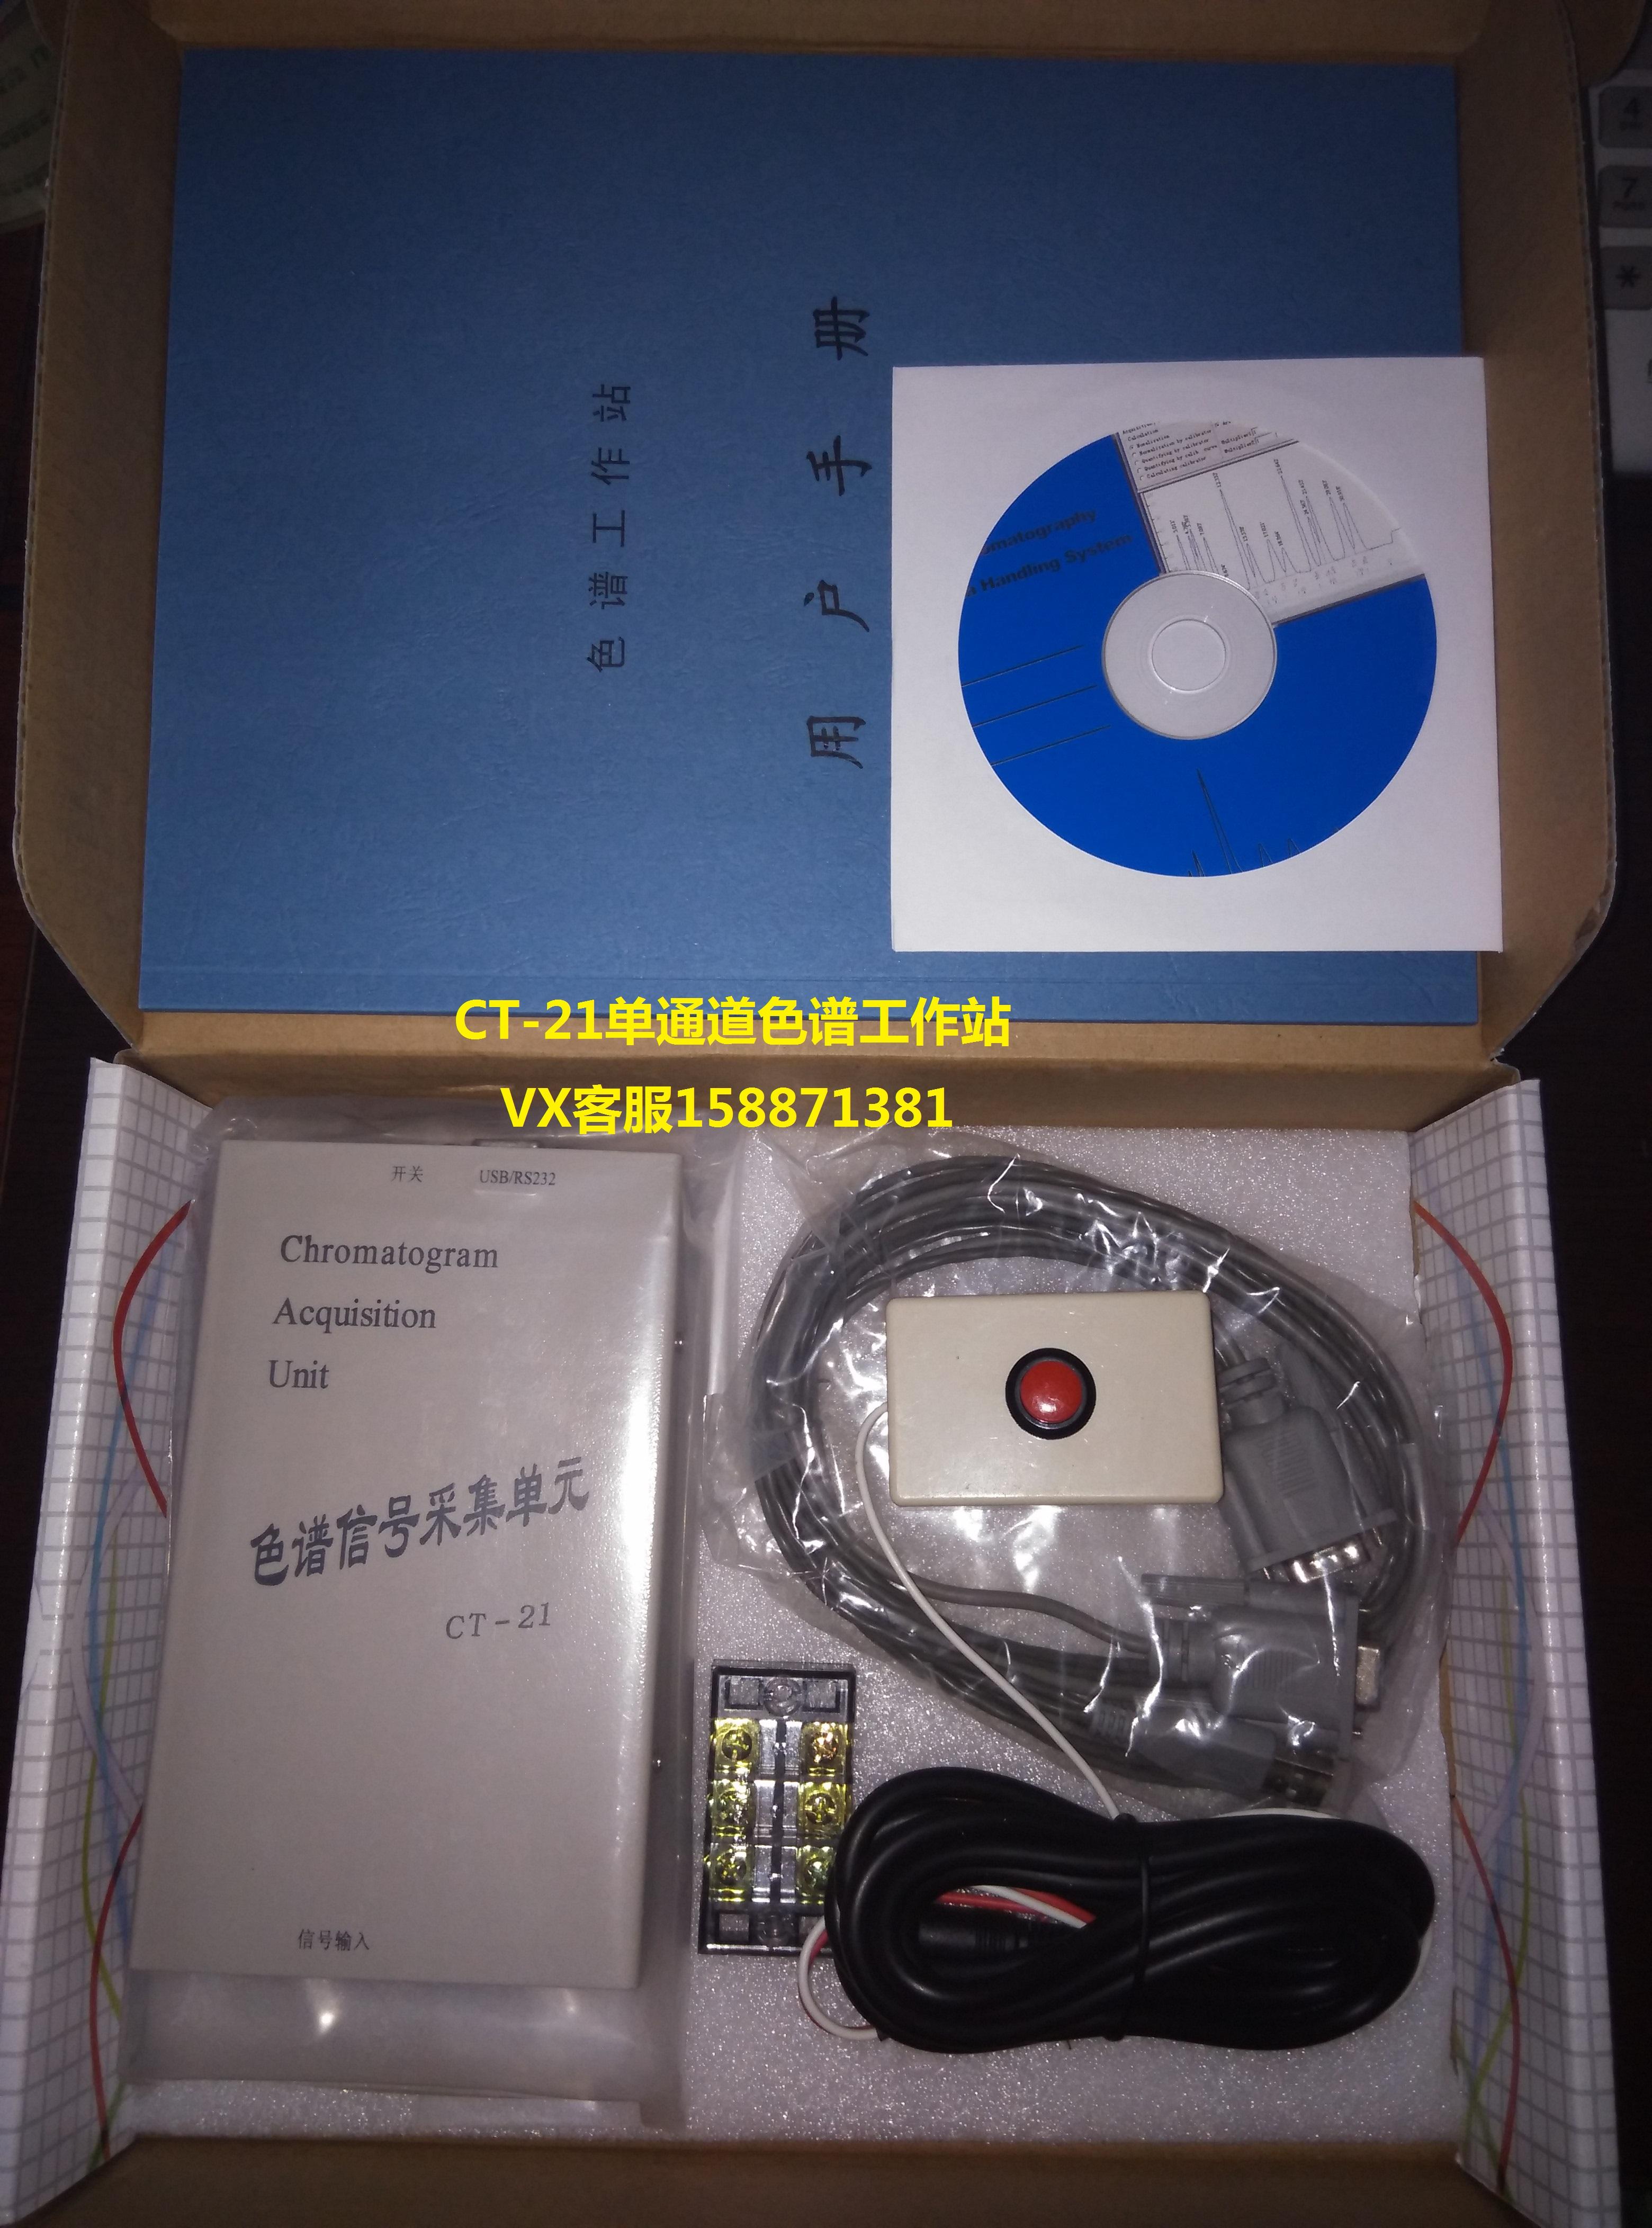 Газ фаза цвет спектр работа станция CT-21/ один проход (ряд) программное обеспечение / сигнал коллекция коллекция блок применимый BF2002 один проход (ряд)